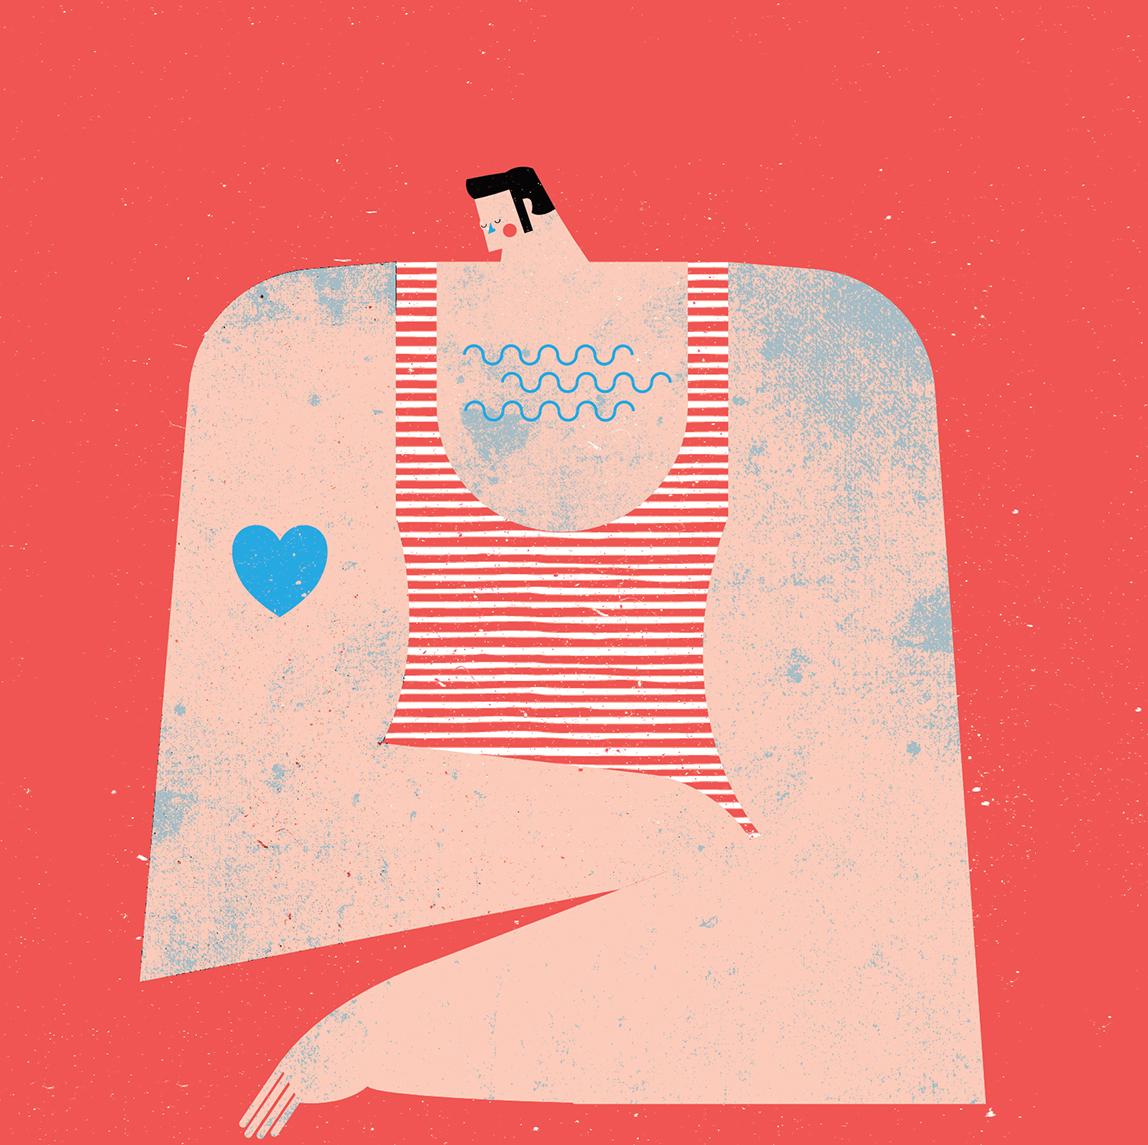 Le vivaci illustrazioni di Tiago Galo | Collater.al 12